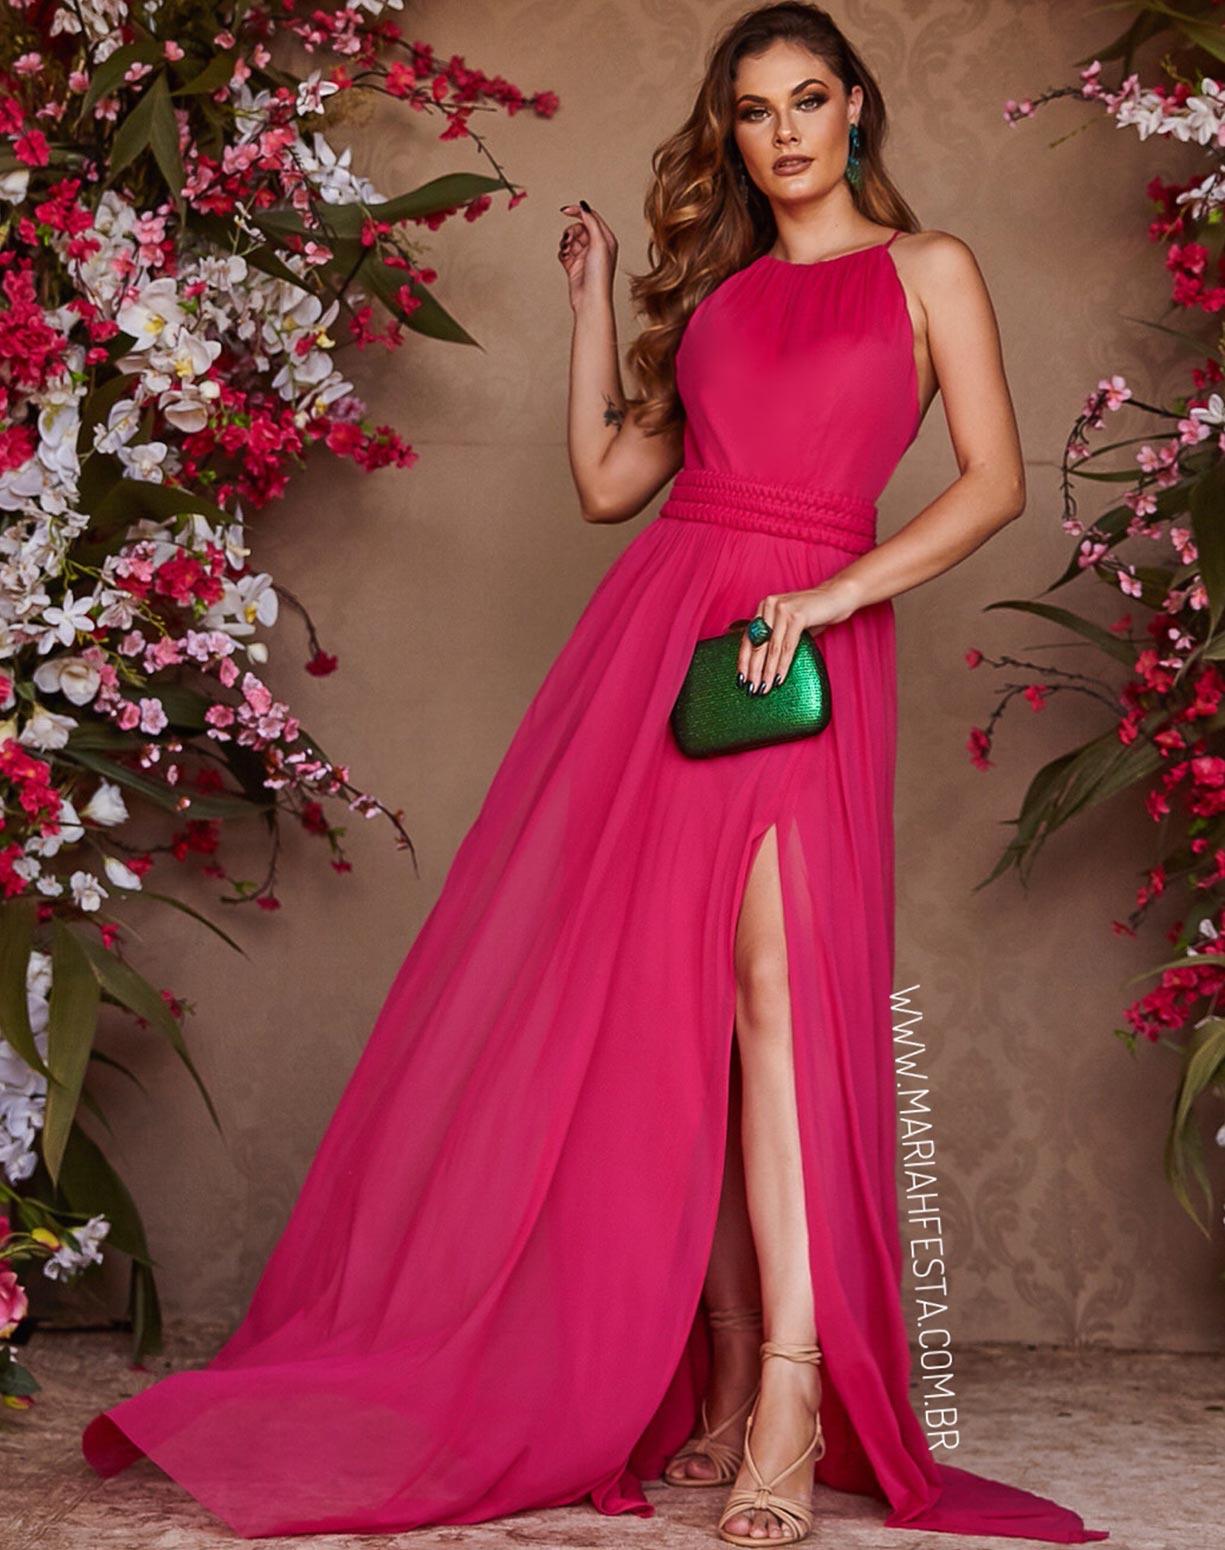 Vestido Pink em Tule com Fenda e Cinto em Macramê